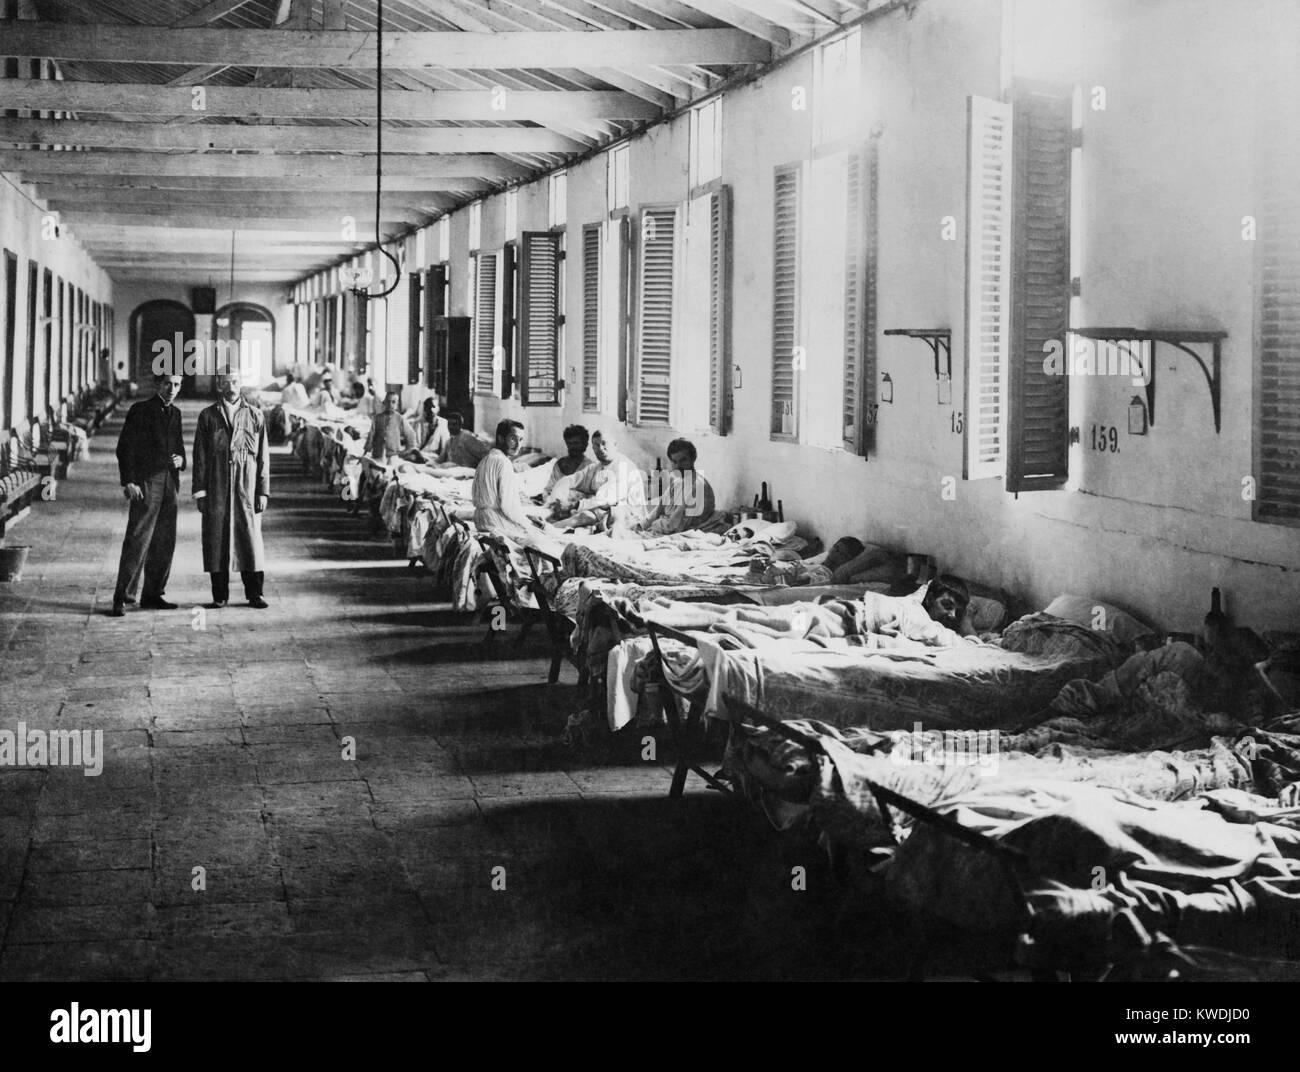 Mens ward in una febbre gialla ospedale, l'Avana, Cuba, ca. 1899 (BSLOC_2017_10_59) Immagini Stock